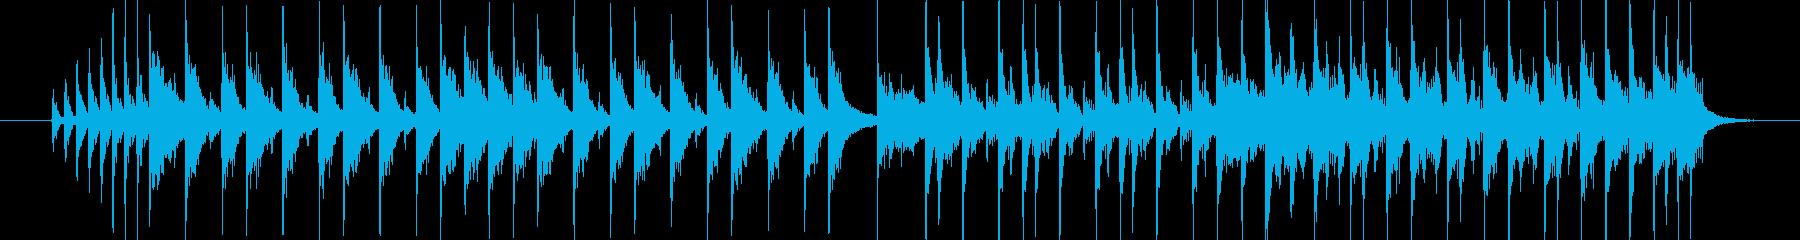 15秒のジングルとして制作した楽曲です。の再生済みの波形